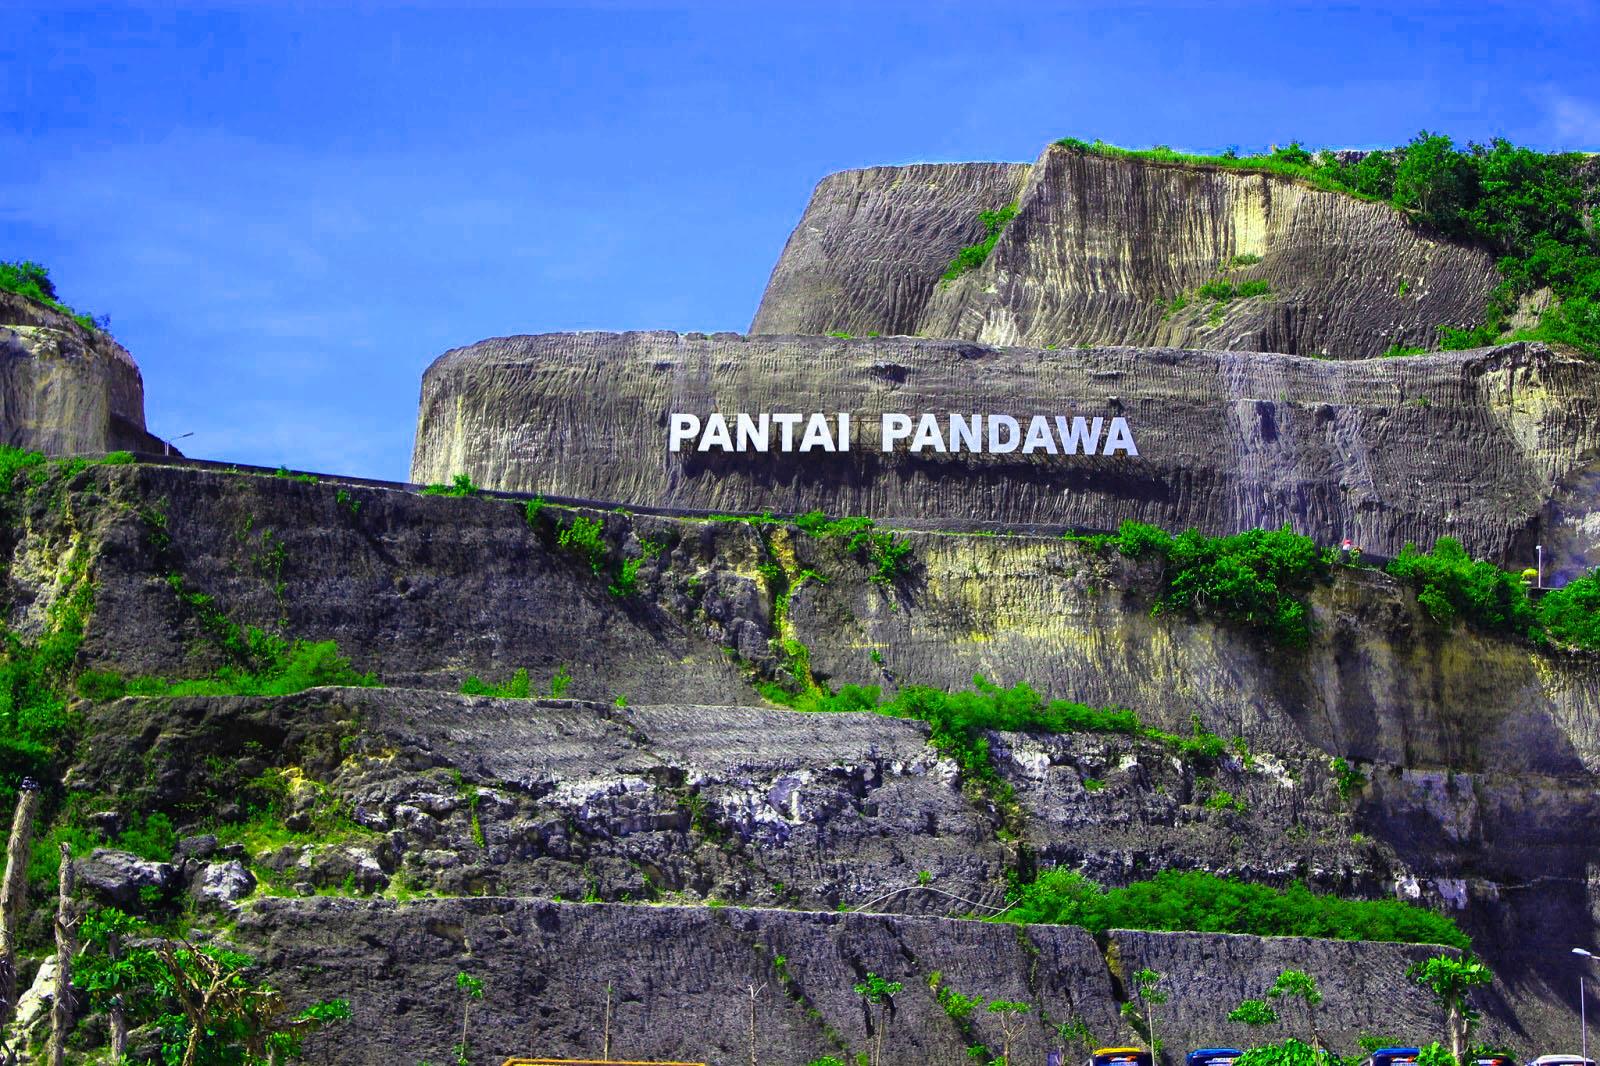 pandawa_2